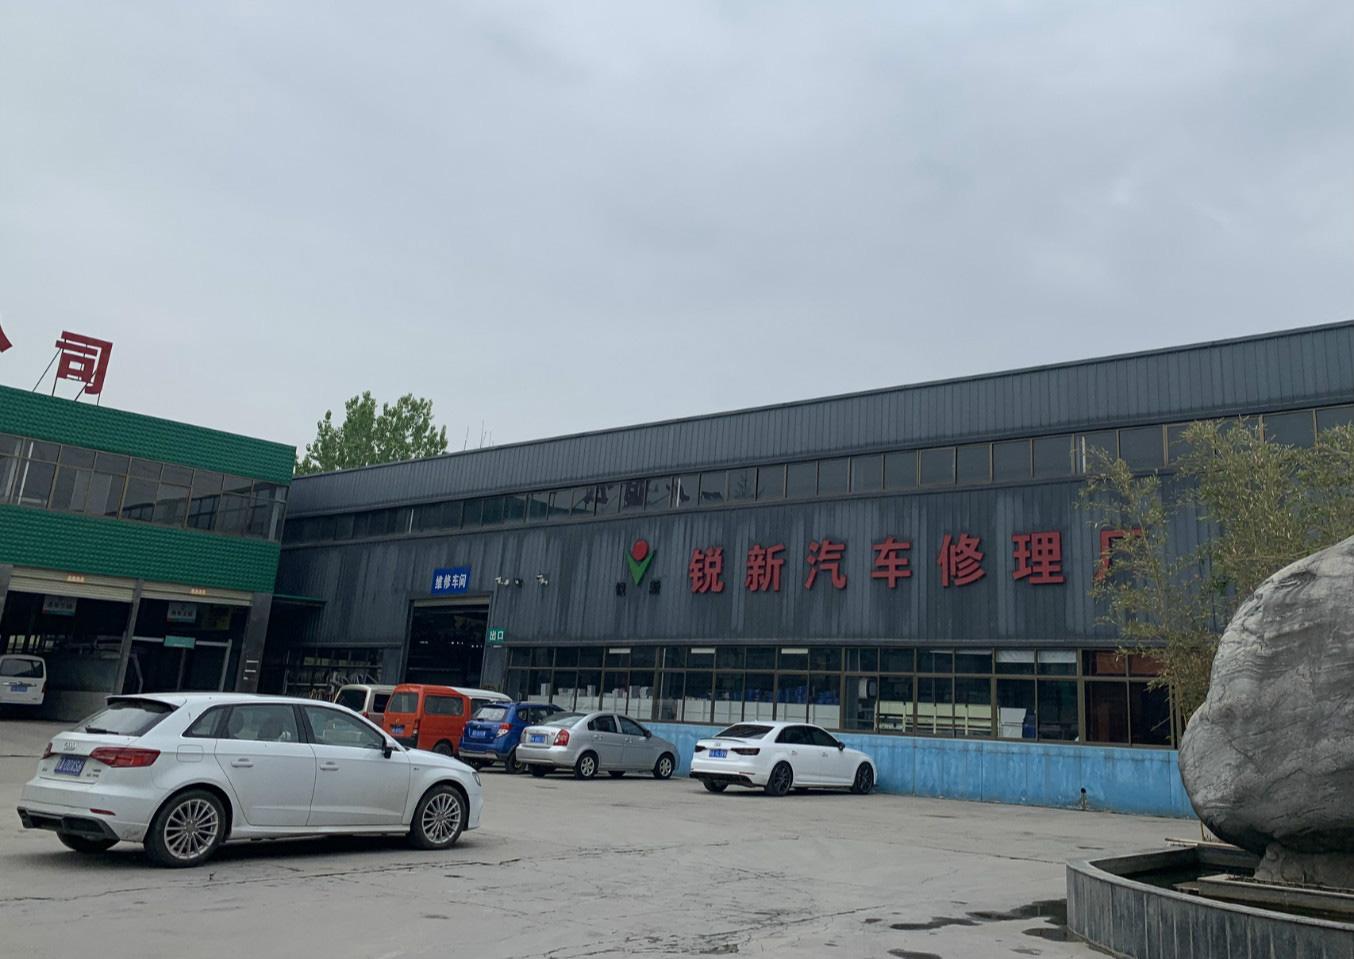 【招聘】西安锐新汽车服务有限公司